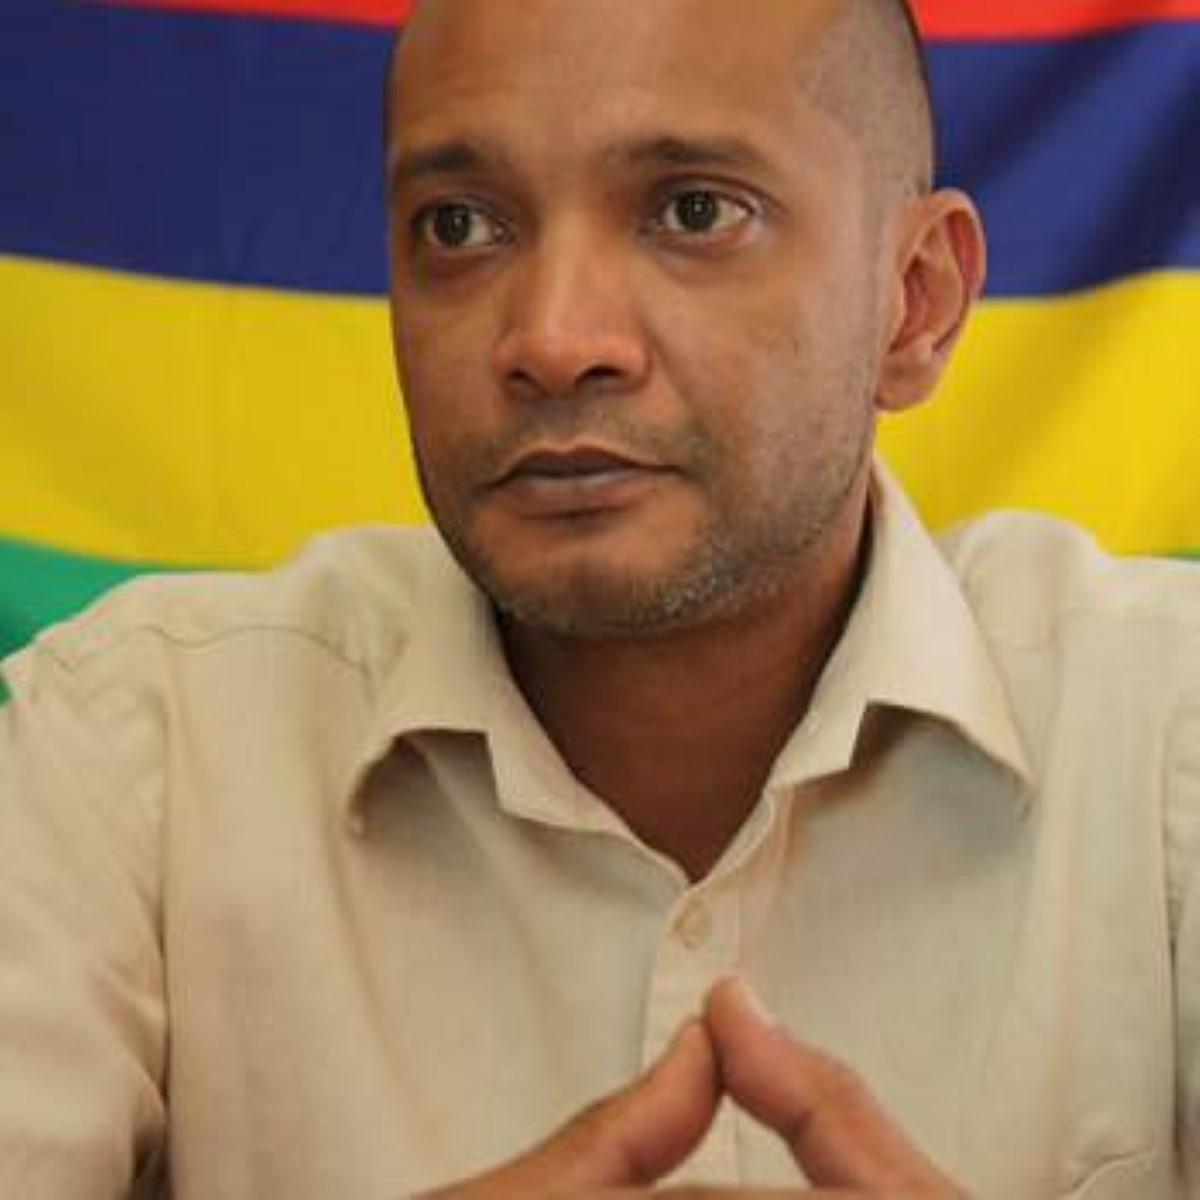 La police et moi sommes tombés dans le piège, affirme Jameel Peerally